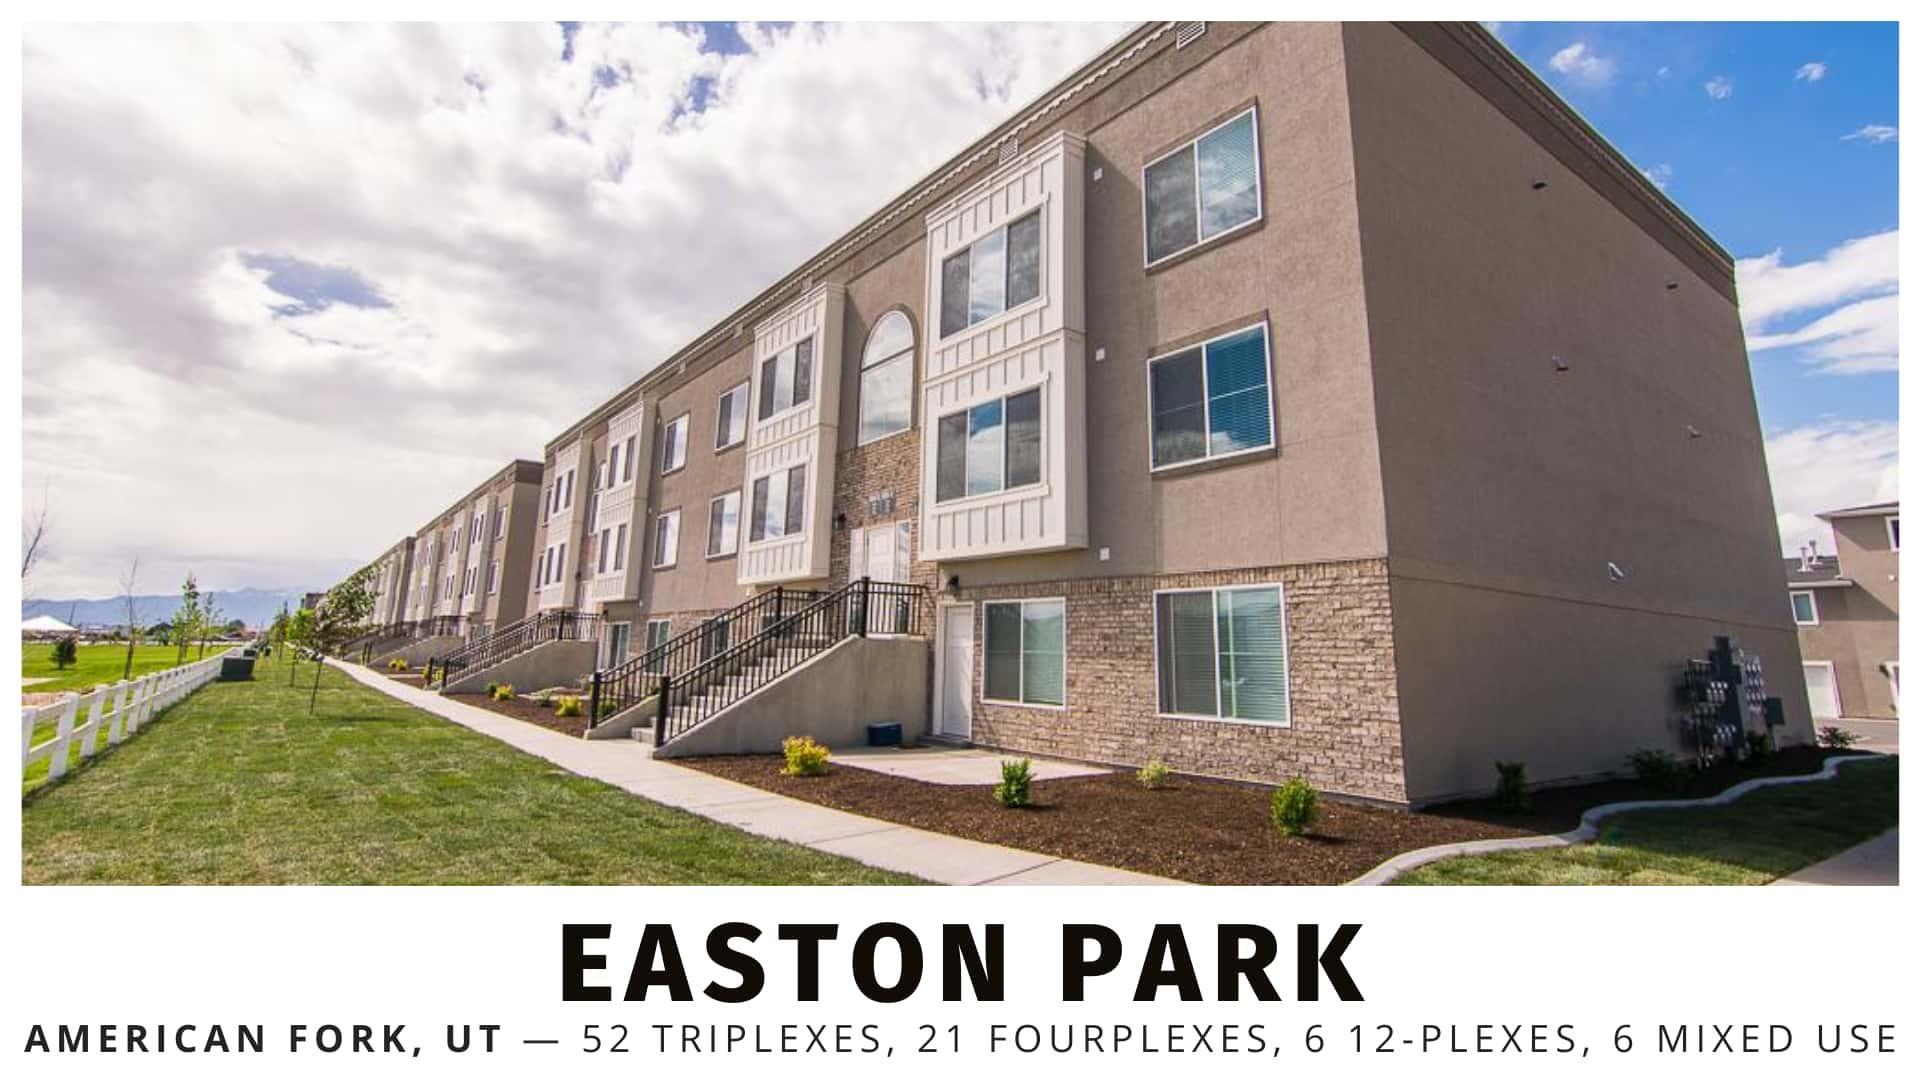 Easton Park multifamily in American Fork, Utah